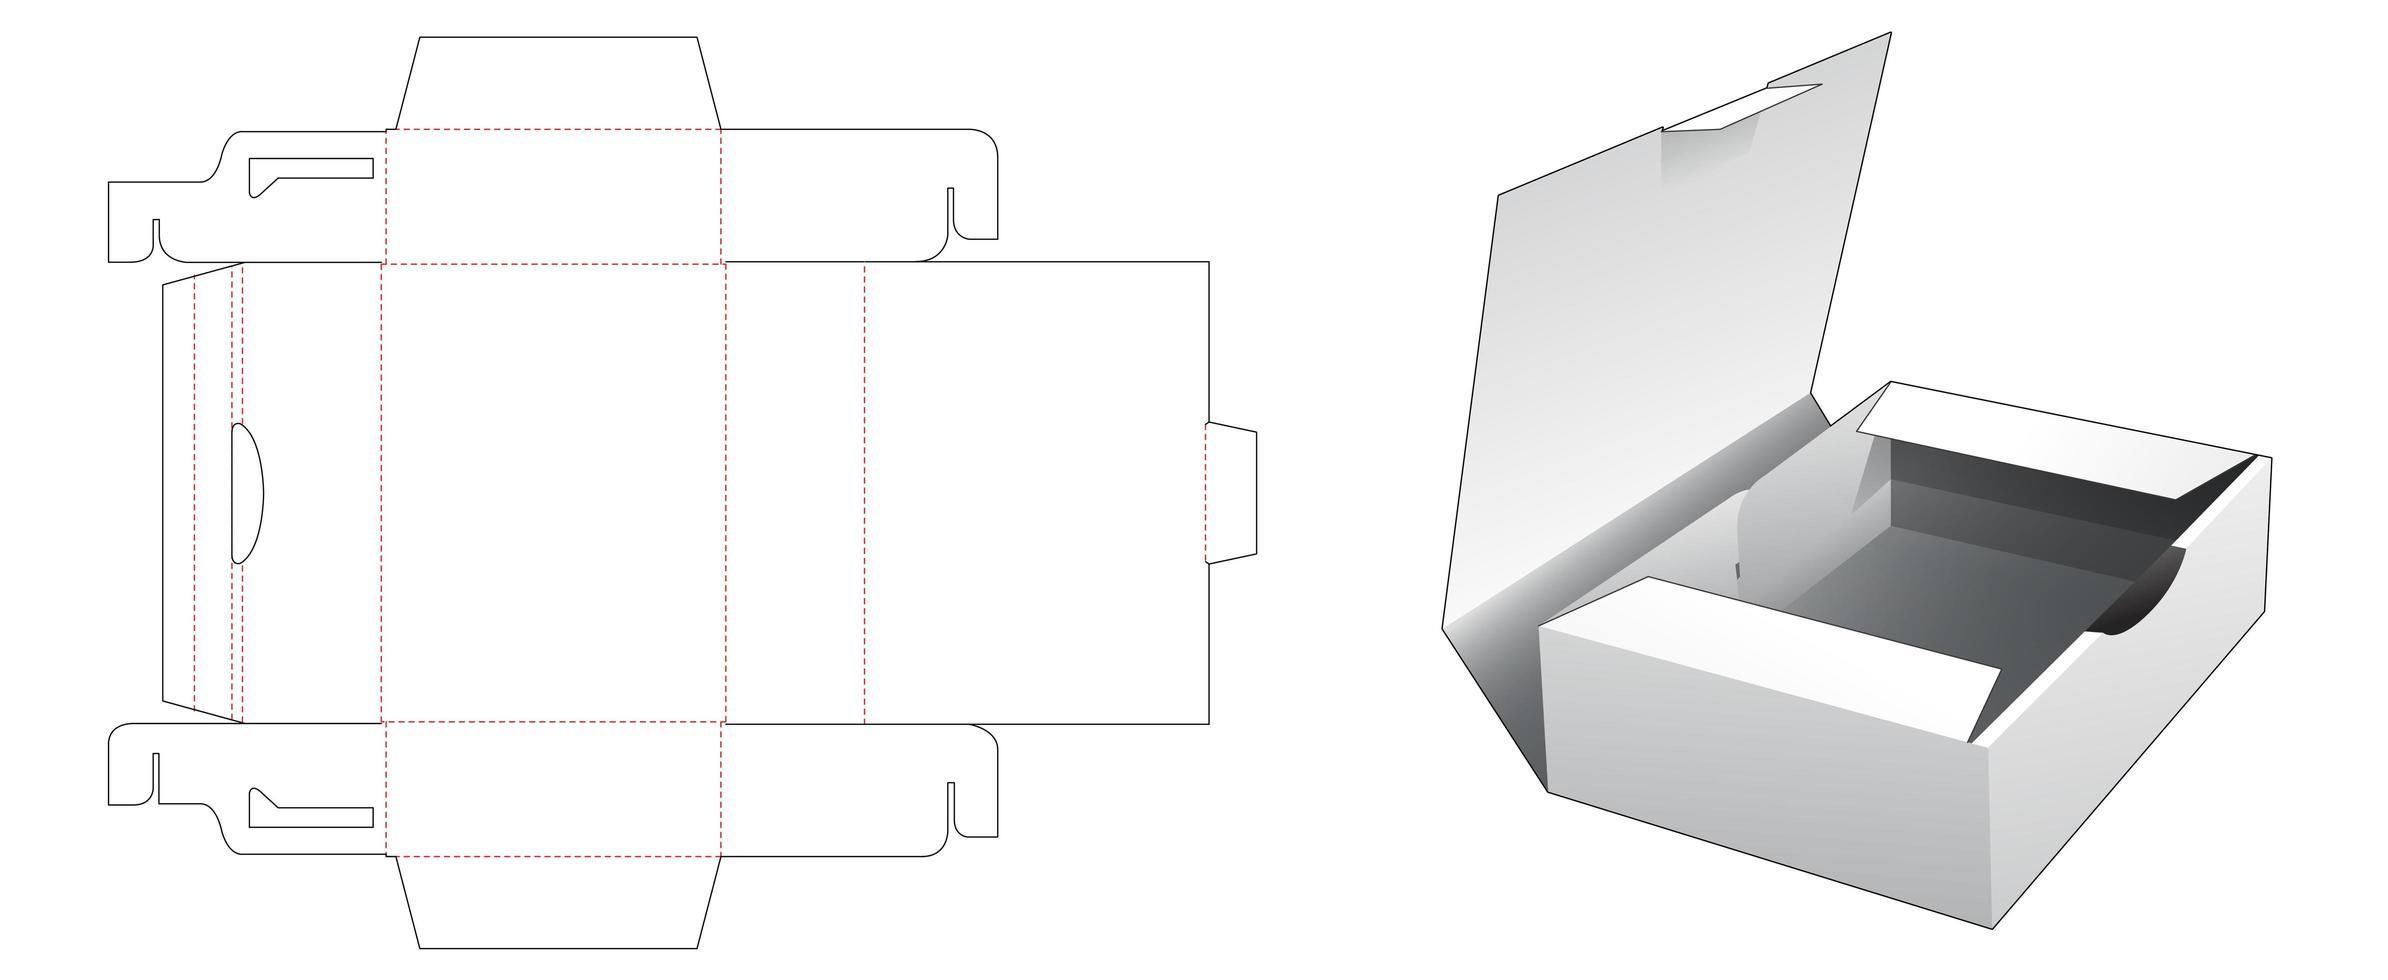 1 caixa de recipiente para bolo vetor